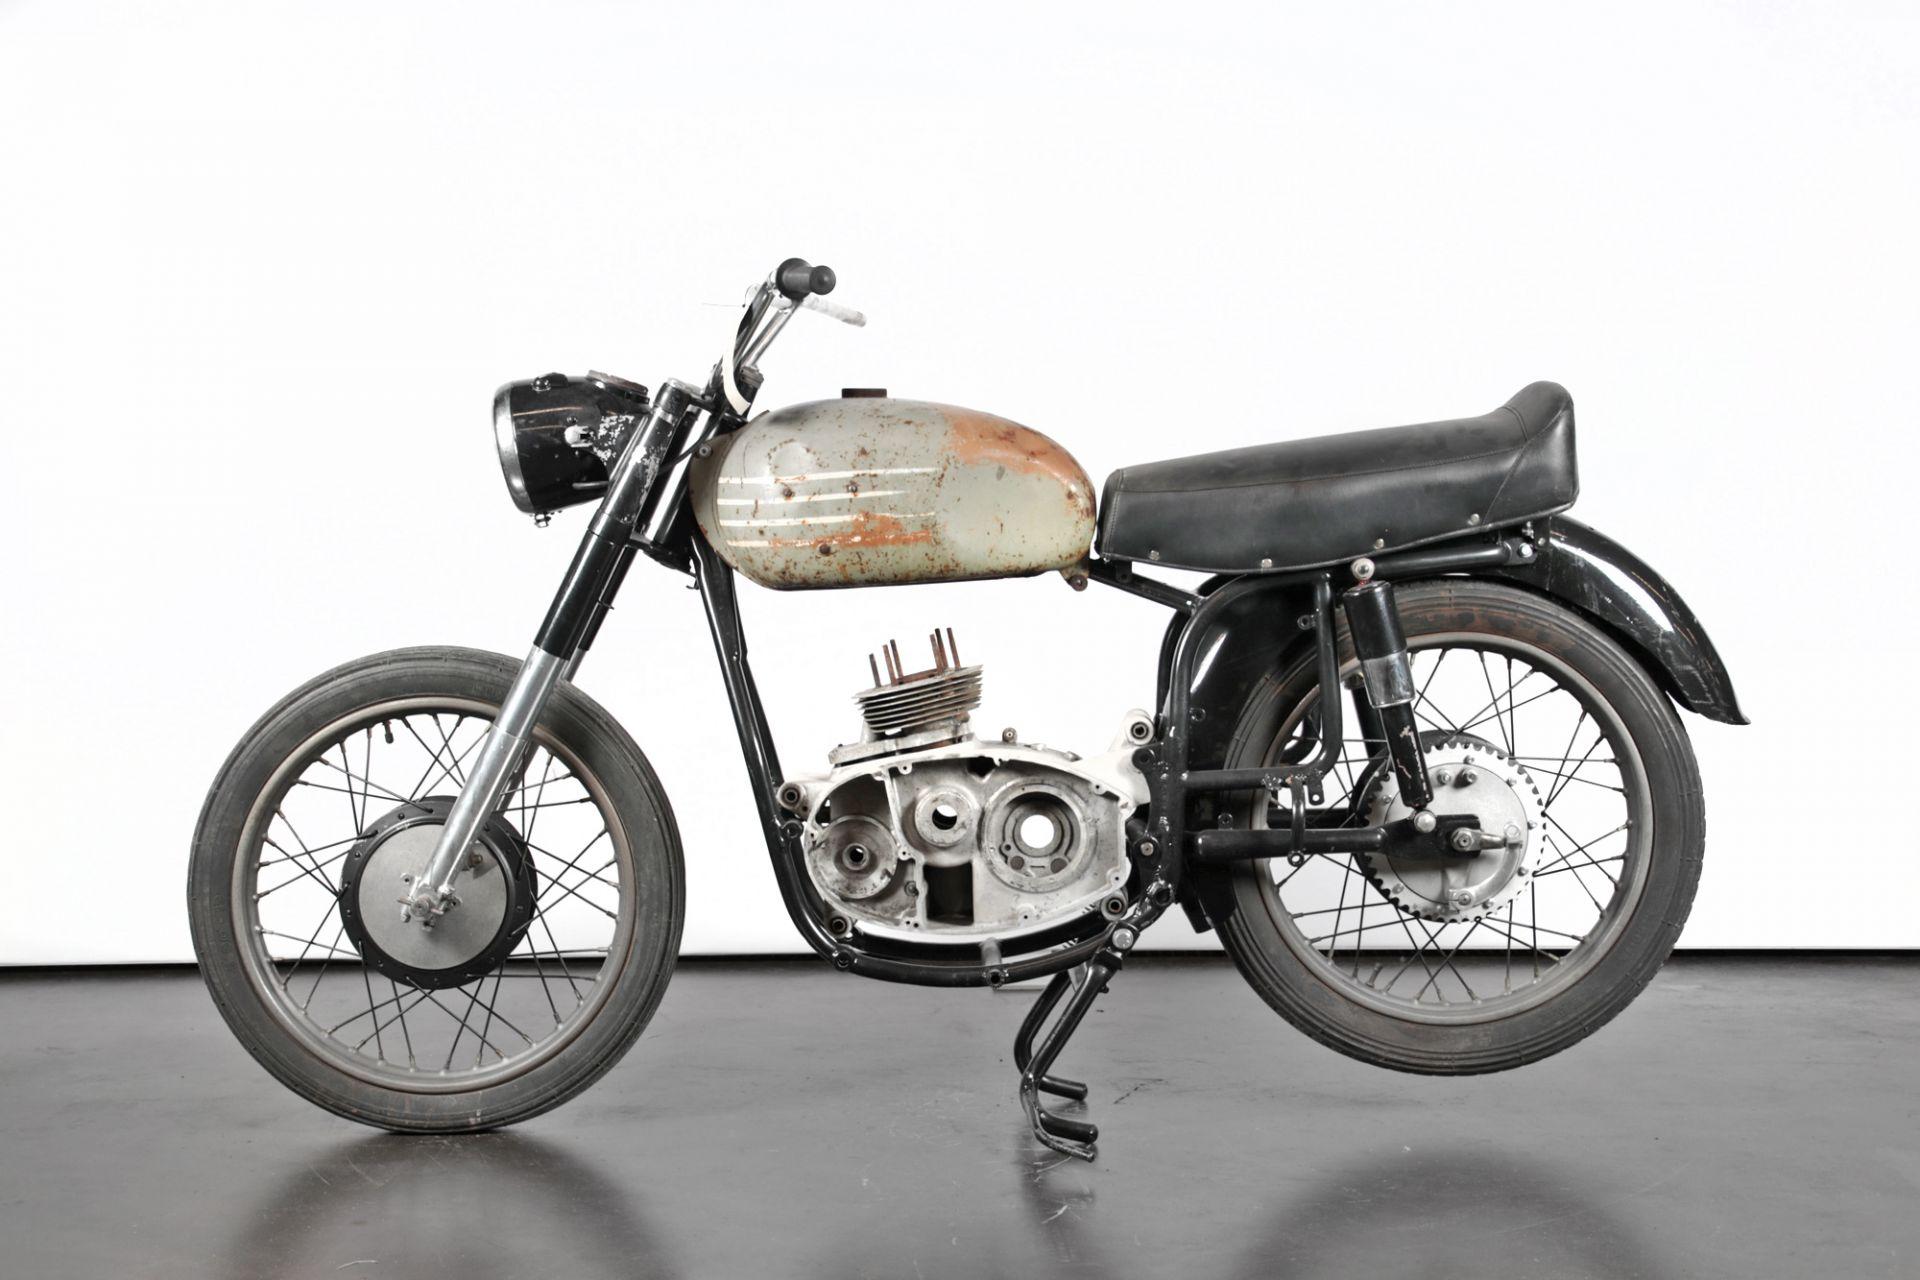 1954 Benelli LEONESSA 250 CC 42821